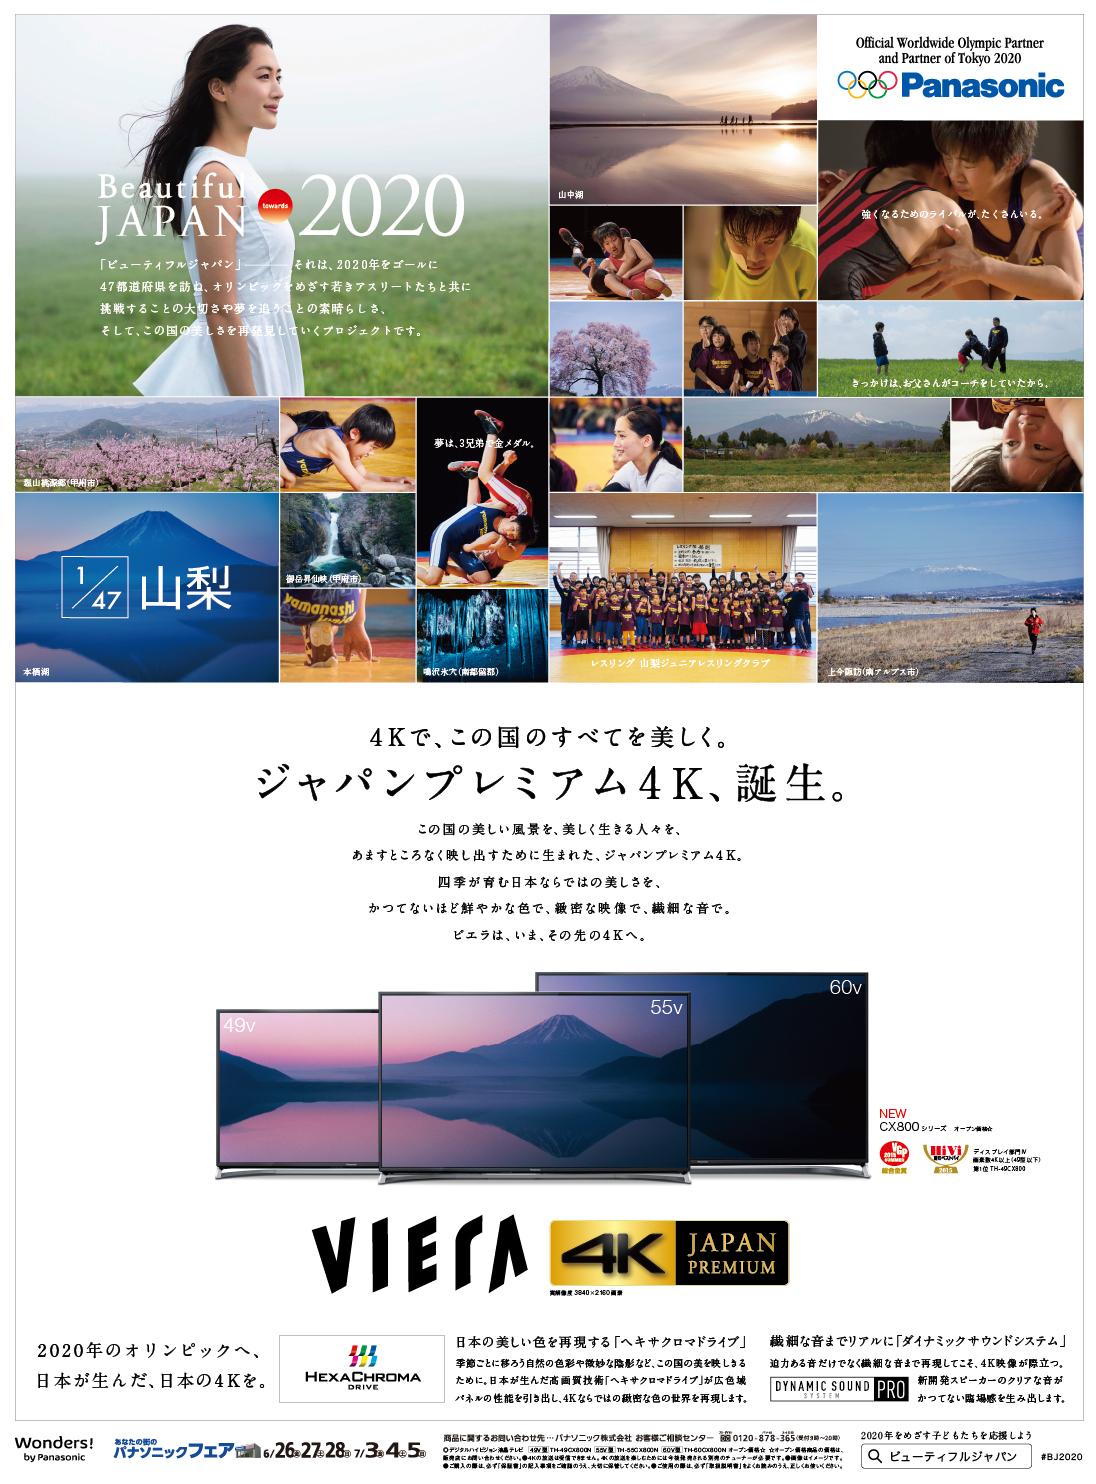 ビューティフルジャパン×ビエラ 山梨日日新聞15段新聞広告